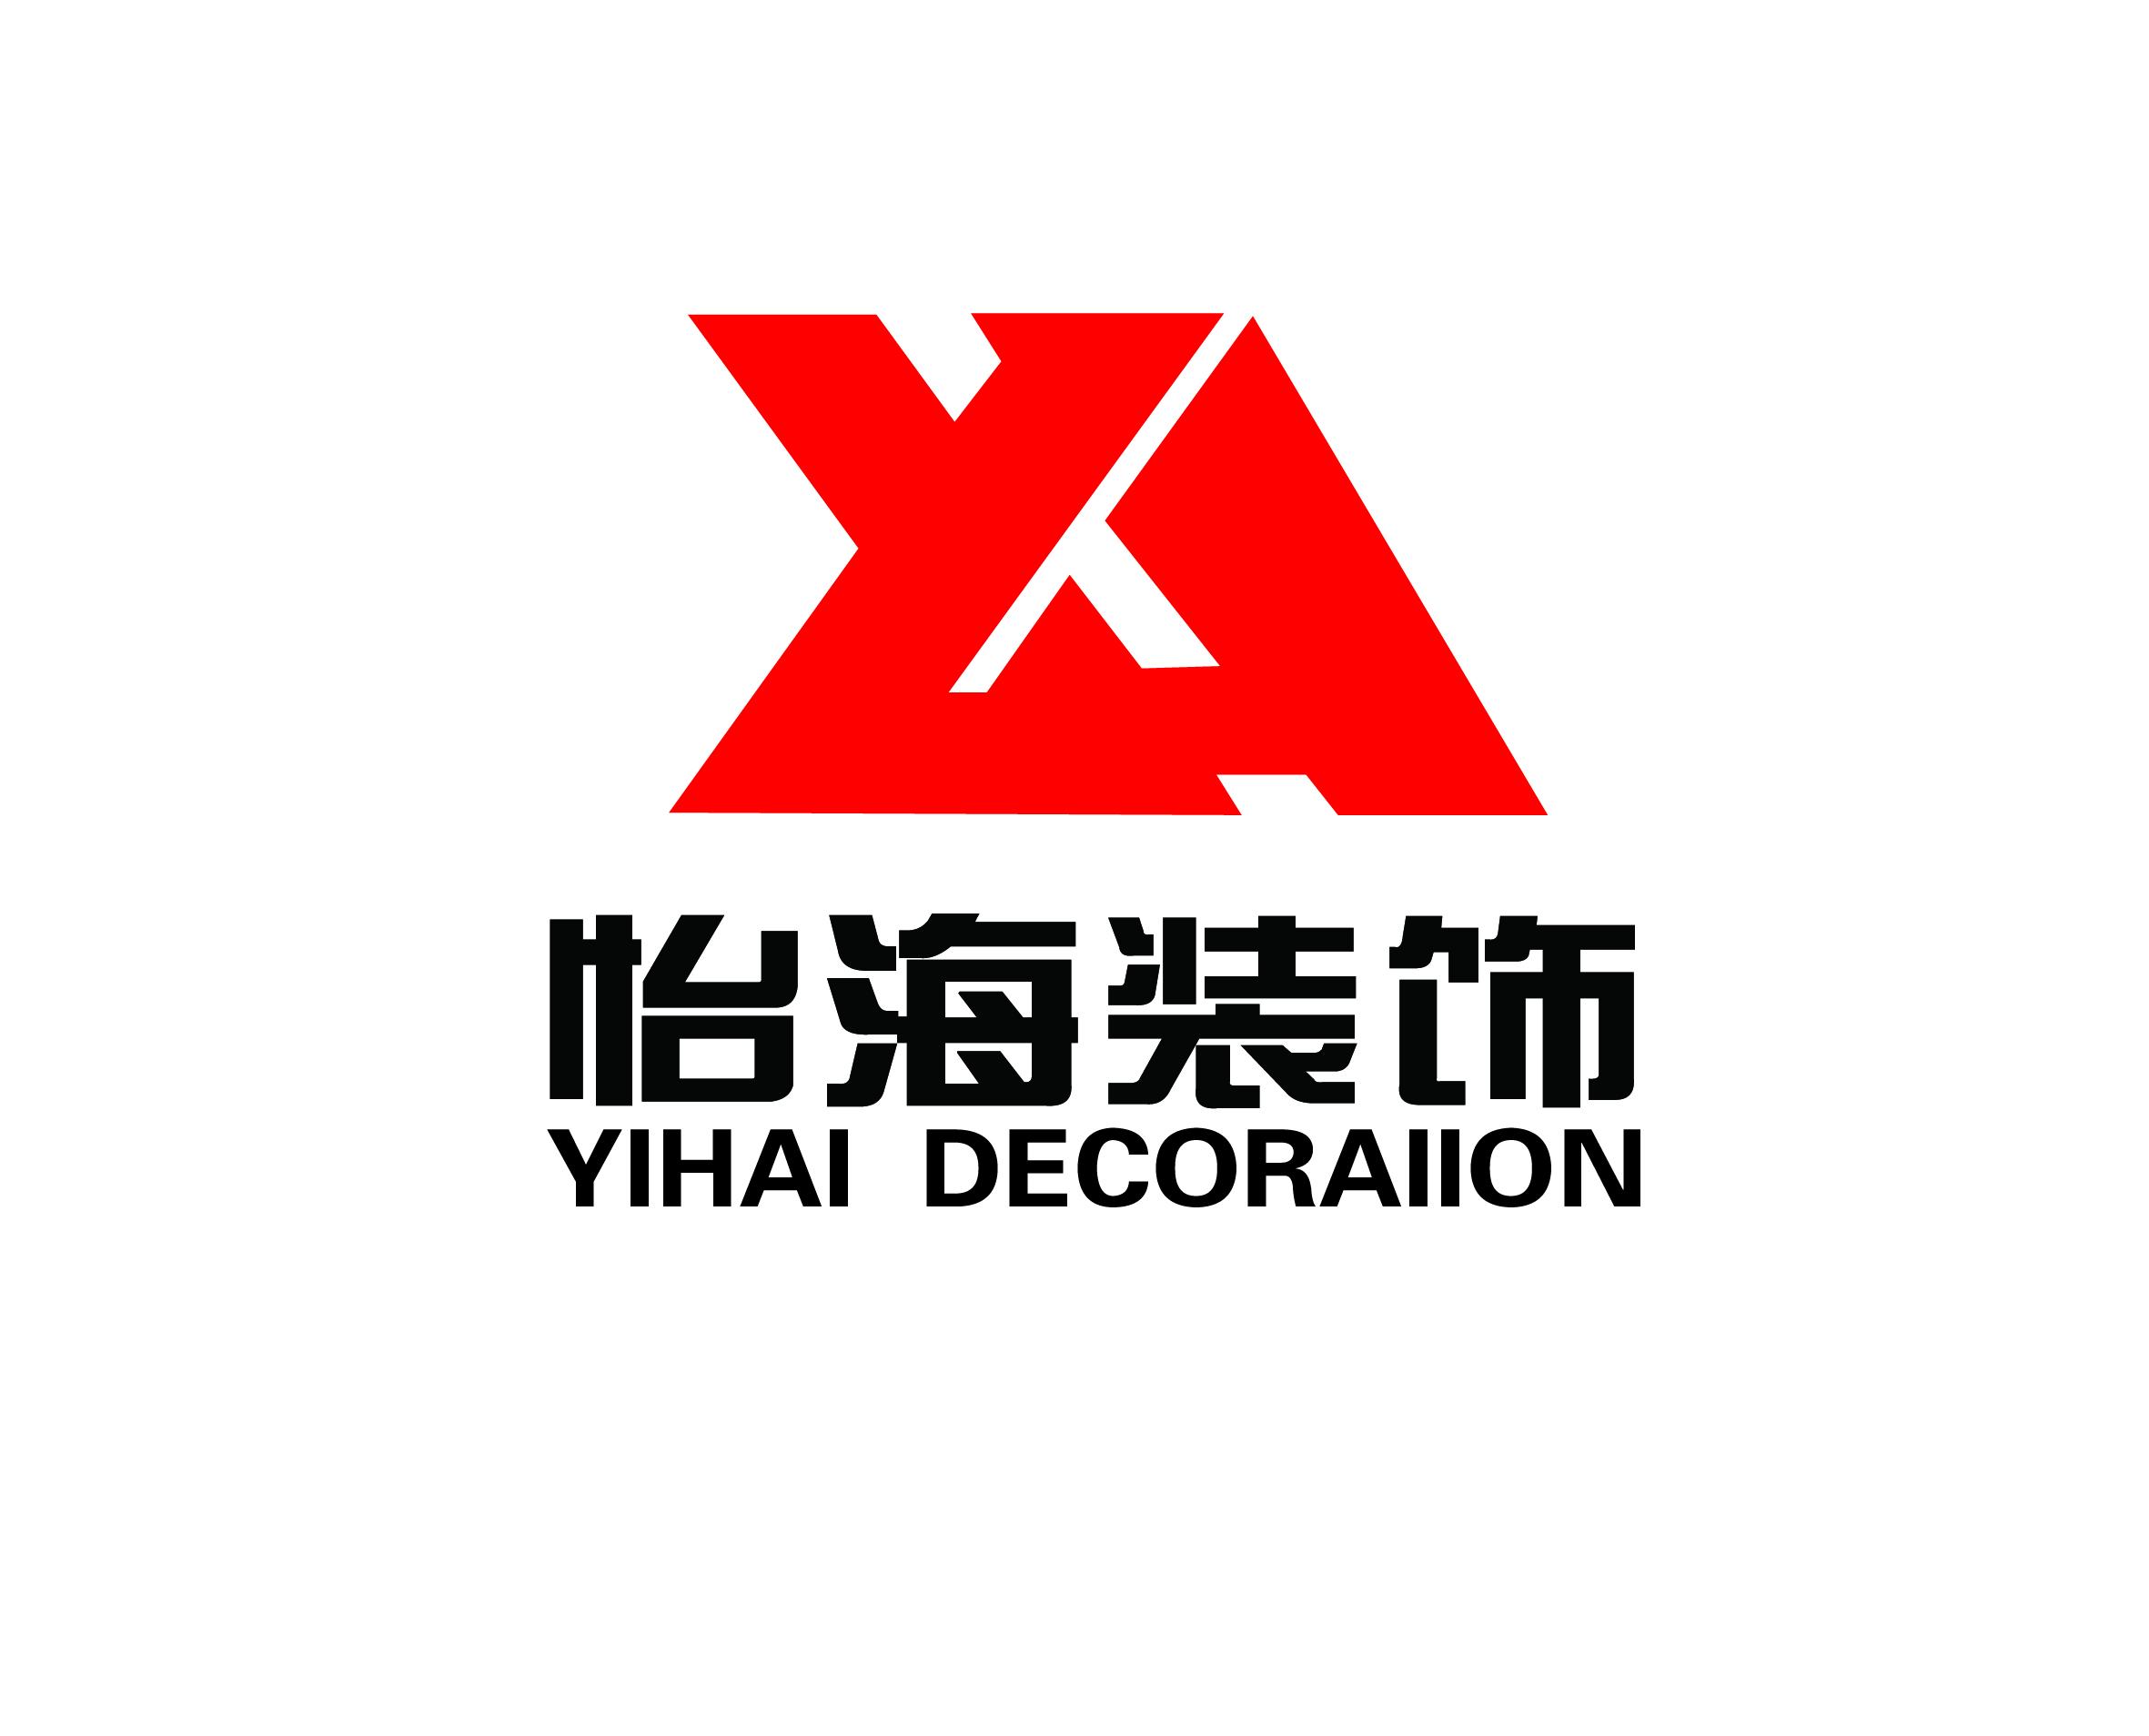 江苏怡海装饰工程有限公司